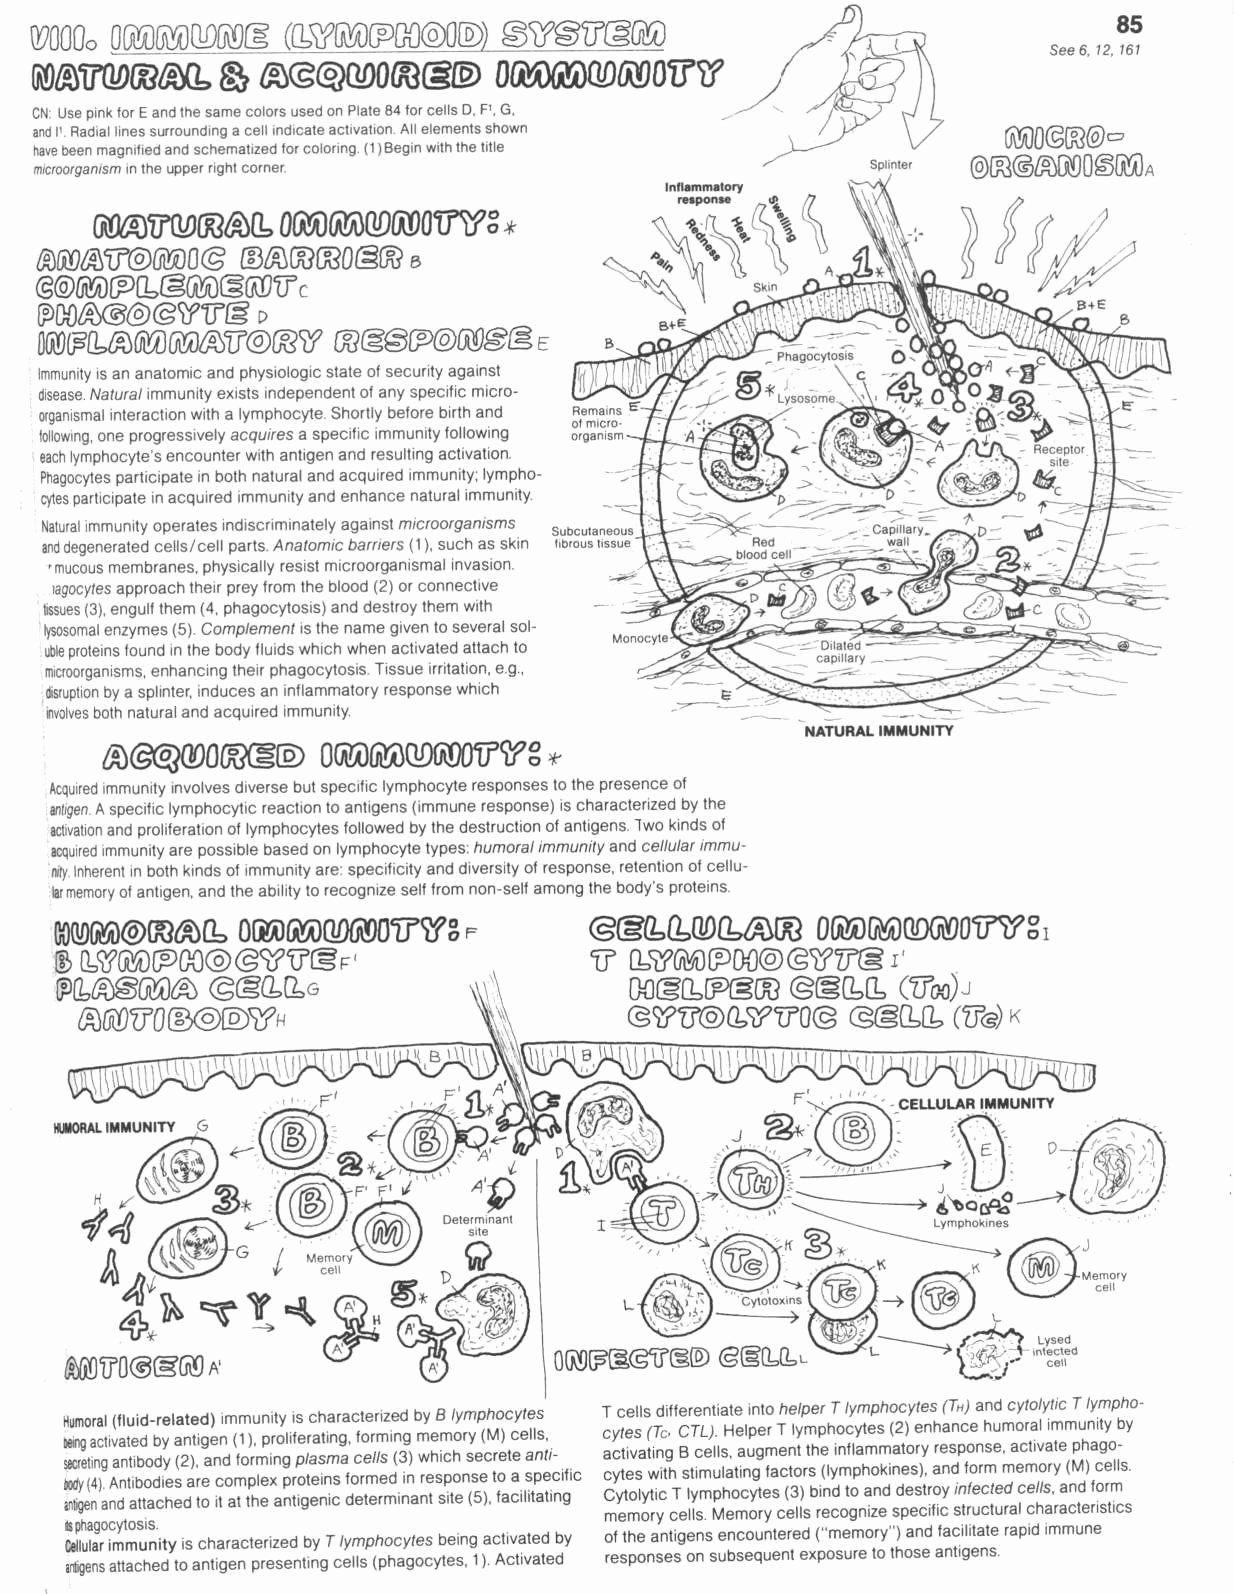 Immune System Worksheet Elementary Unique Coloring Page 2 Immune System Cells Worksheet Biology Worksheet Color Worksheets [ 1594 x 1234 Pixel ]